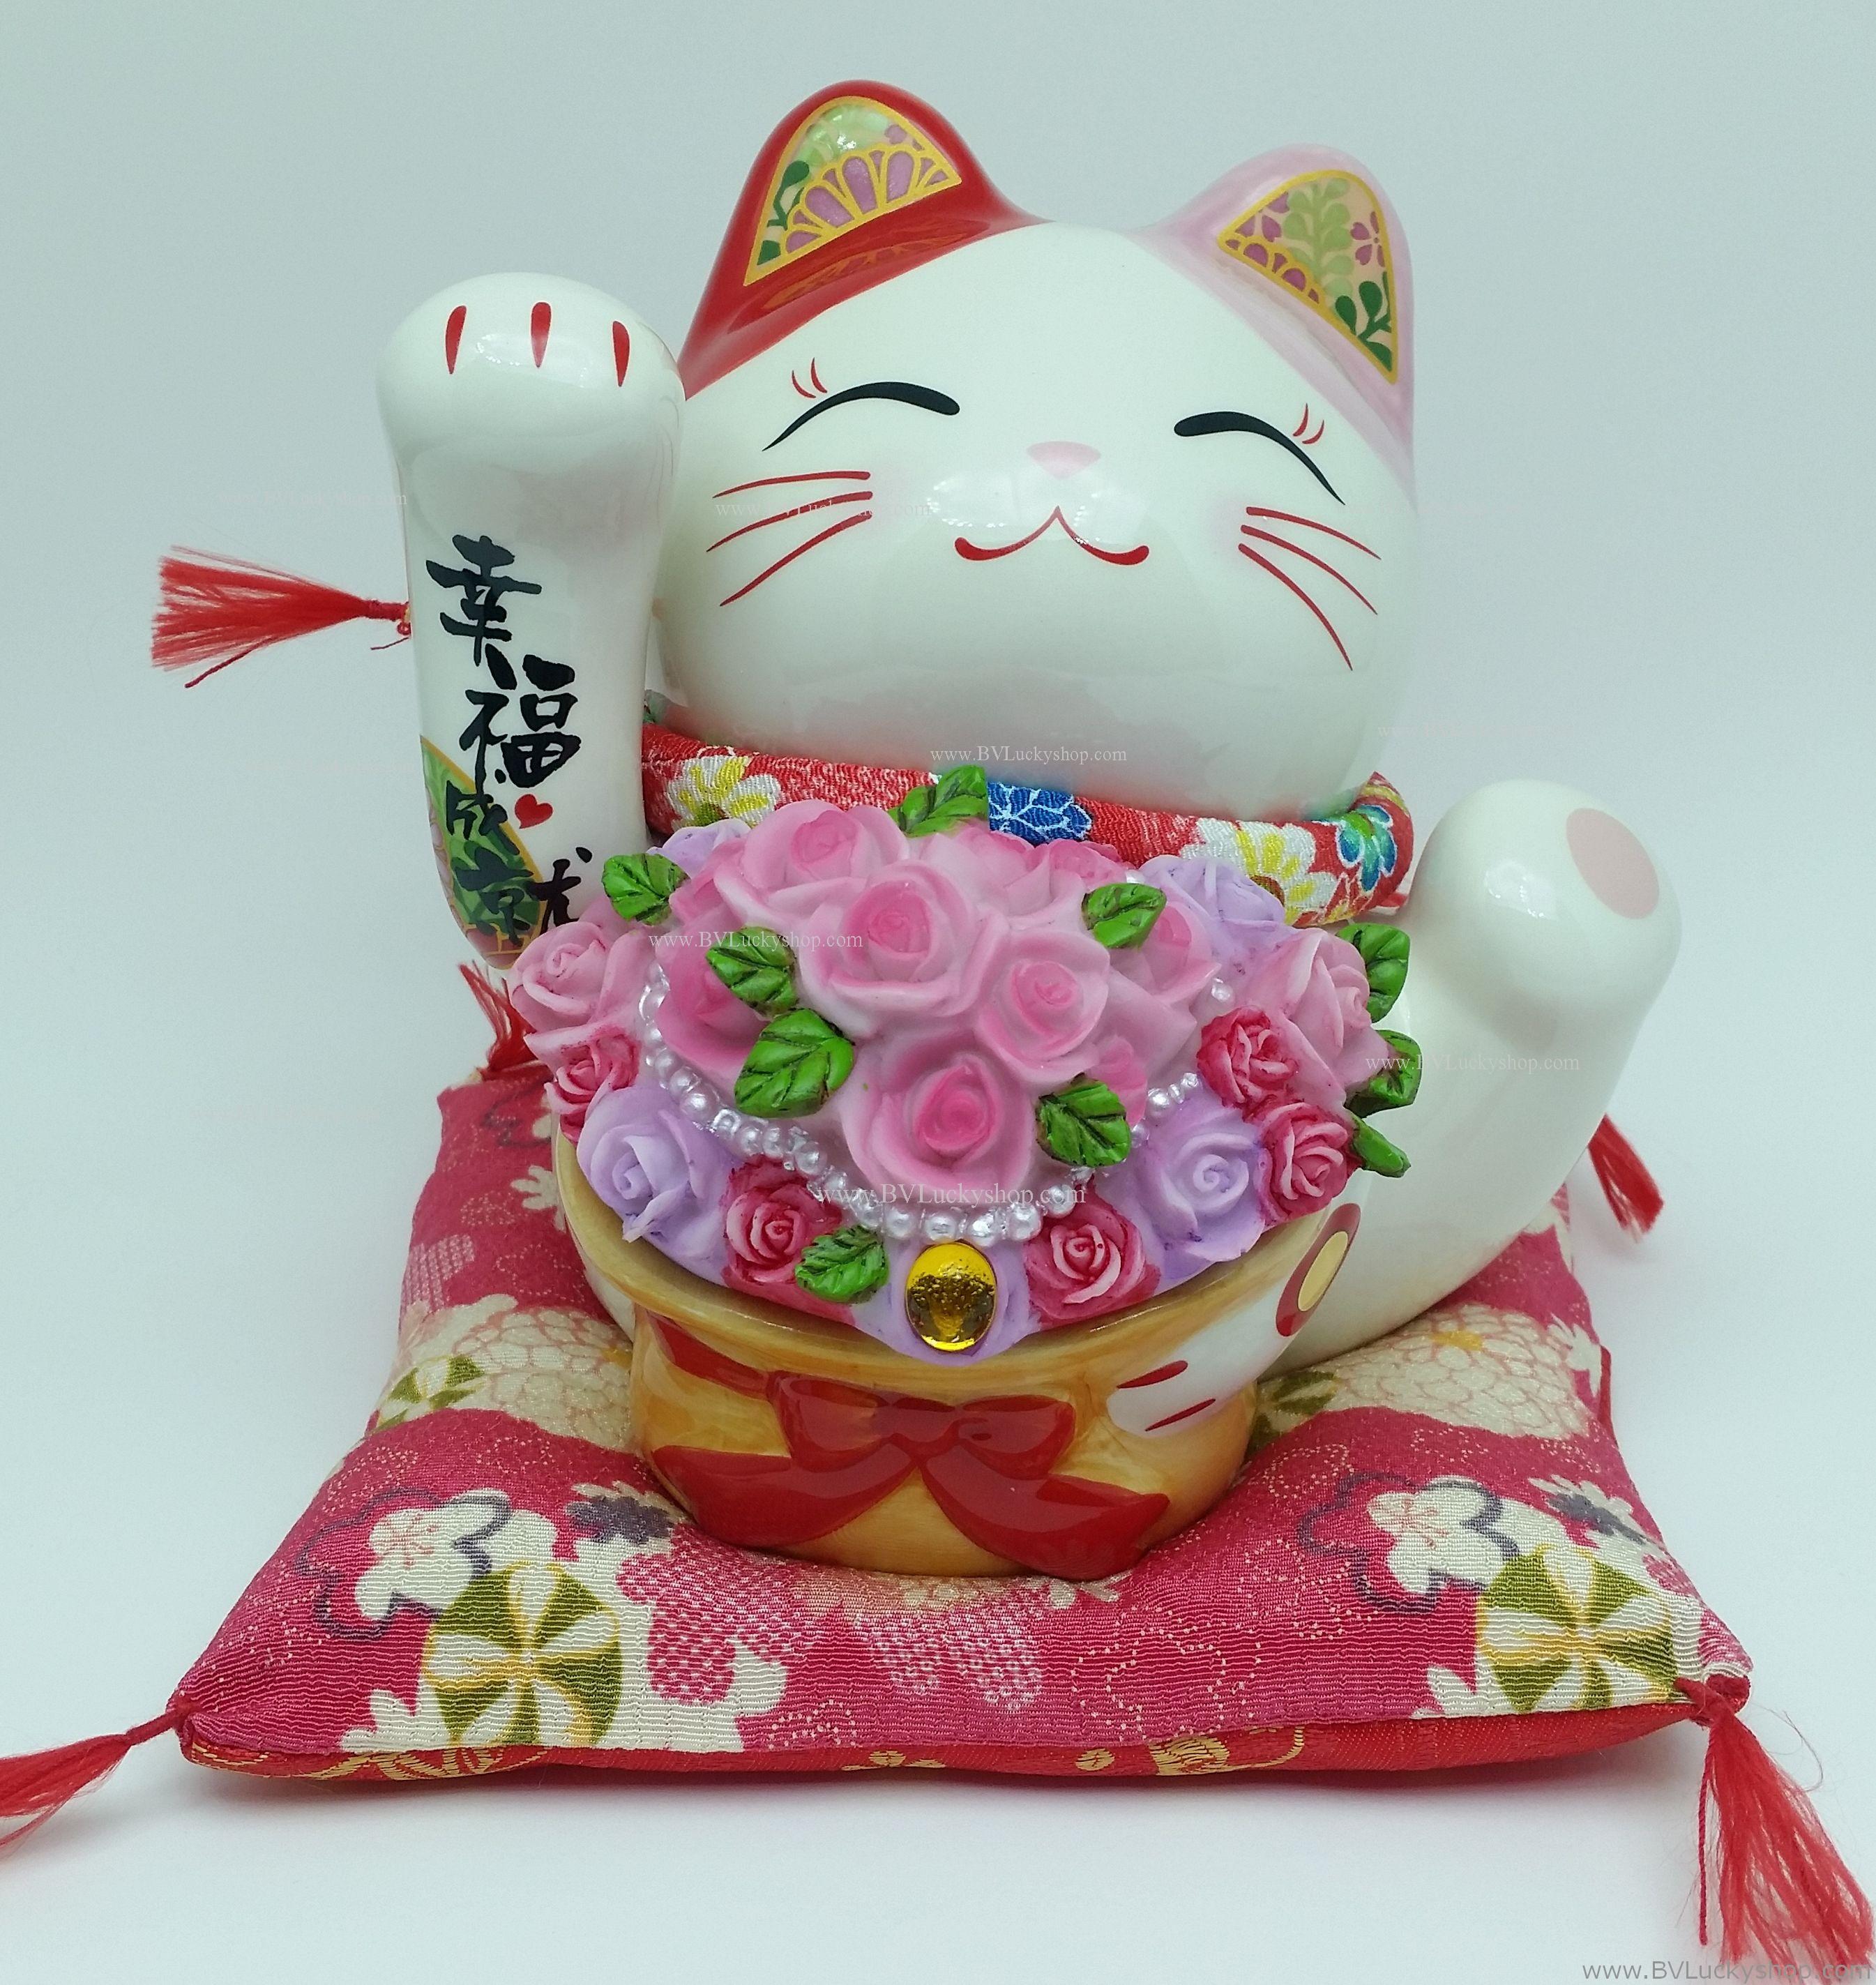 แมวกวัก แมวนำโชค สูง 7 นิ้ว อุ้มช่อดอกไม้ [SC2062]